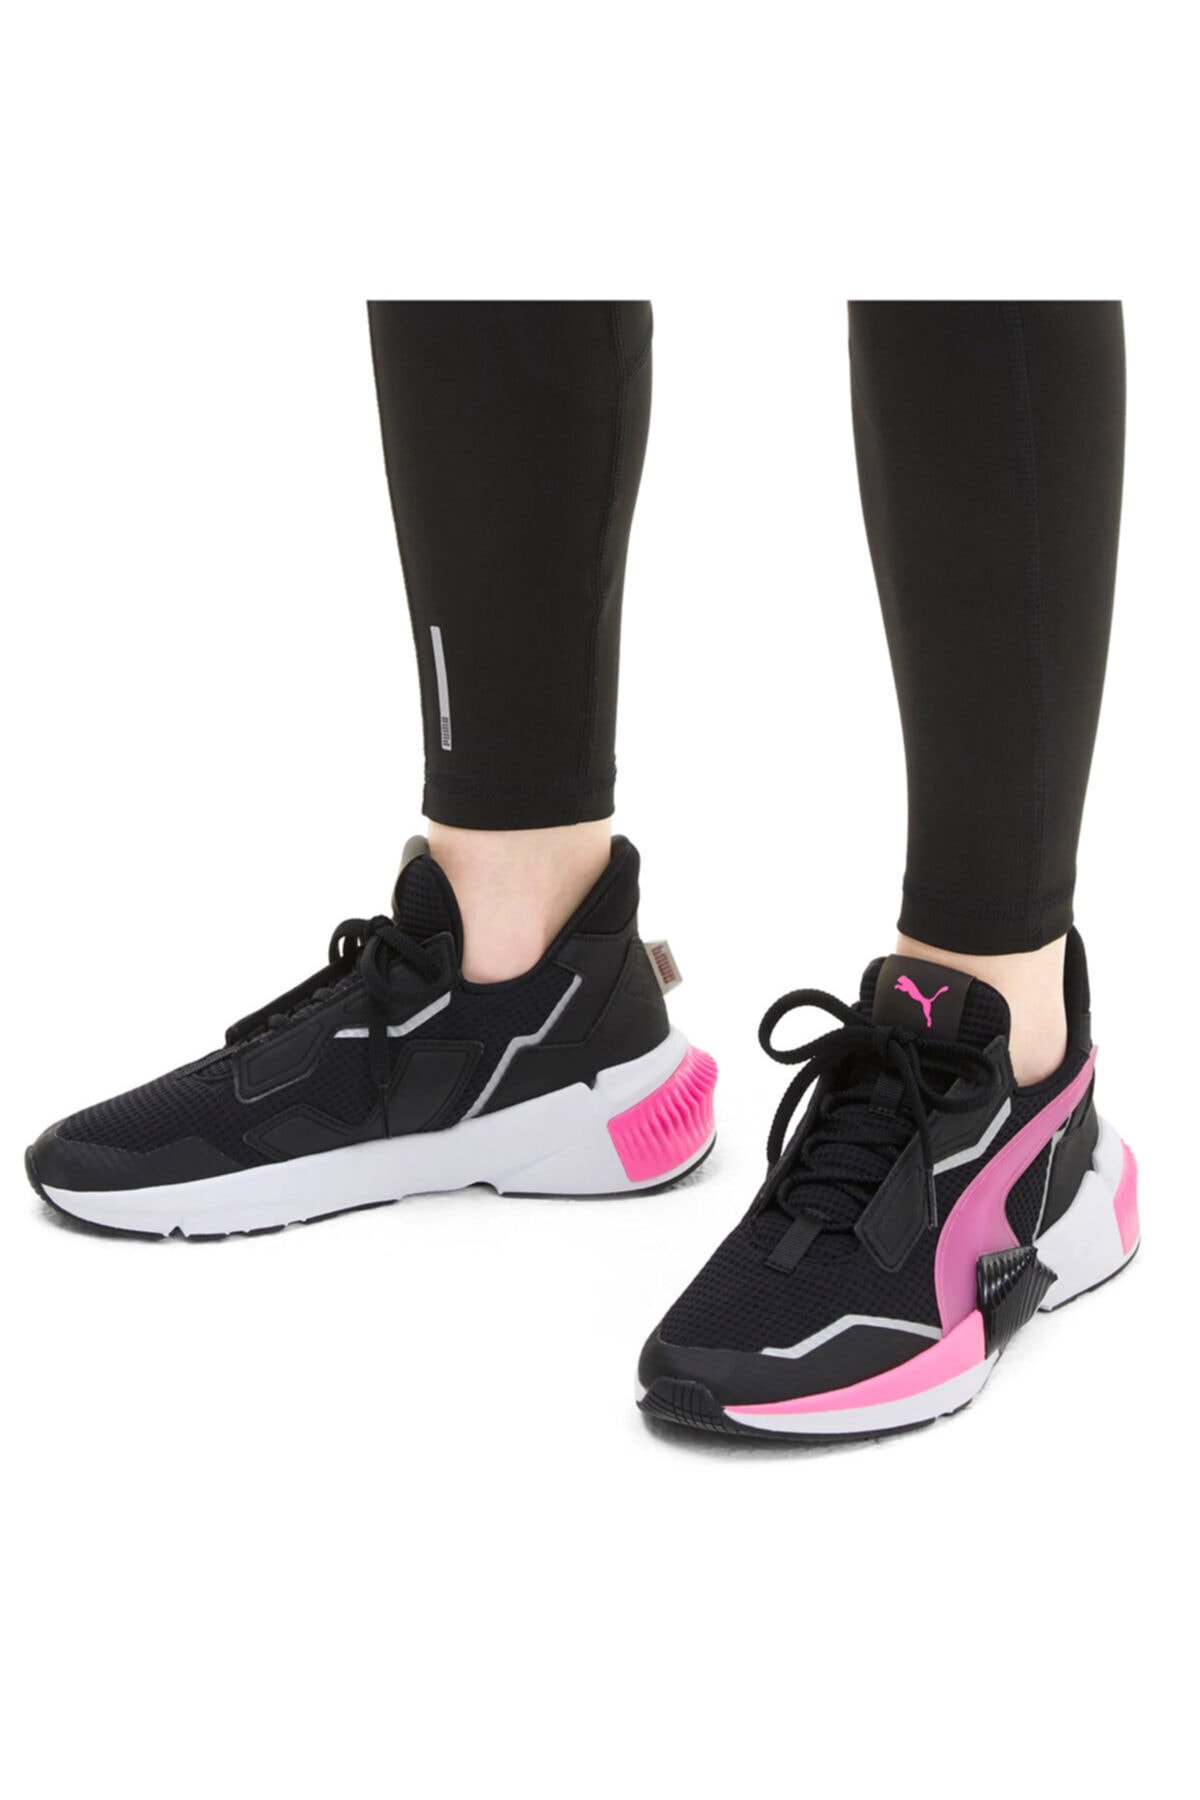 Puma Kadın Siyah Provoke Xt  Antrenman Ayakkabısı 19378402 2